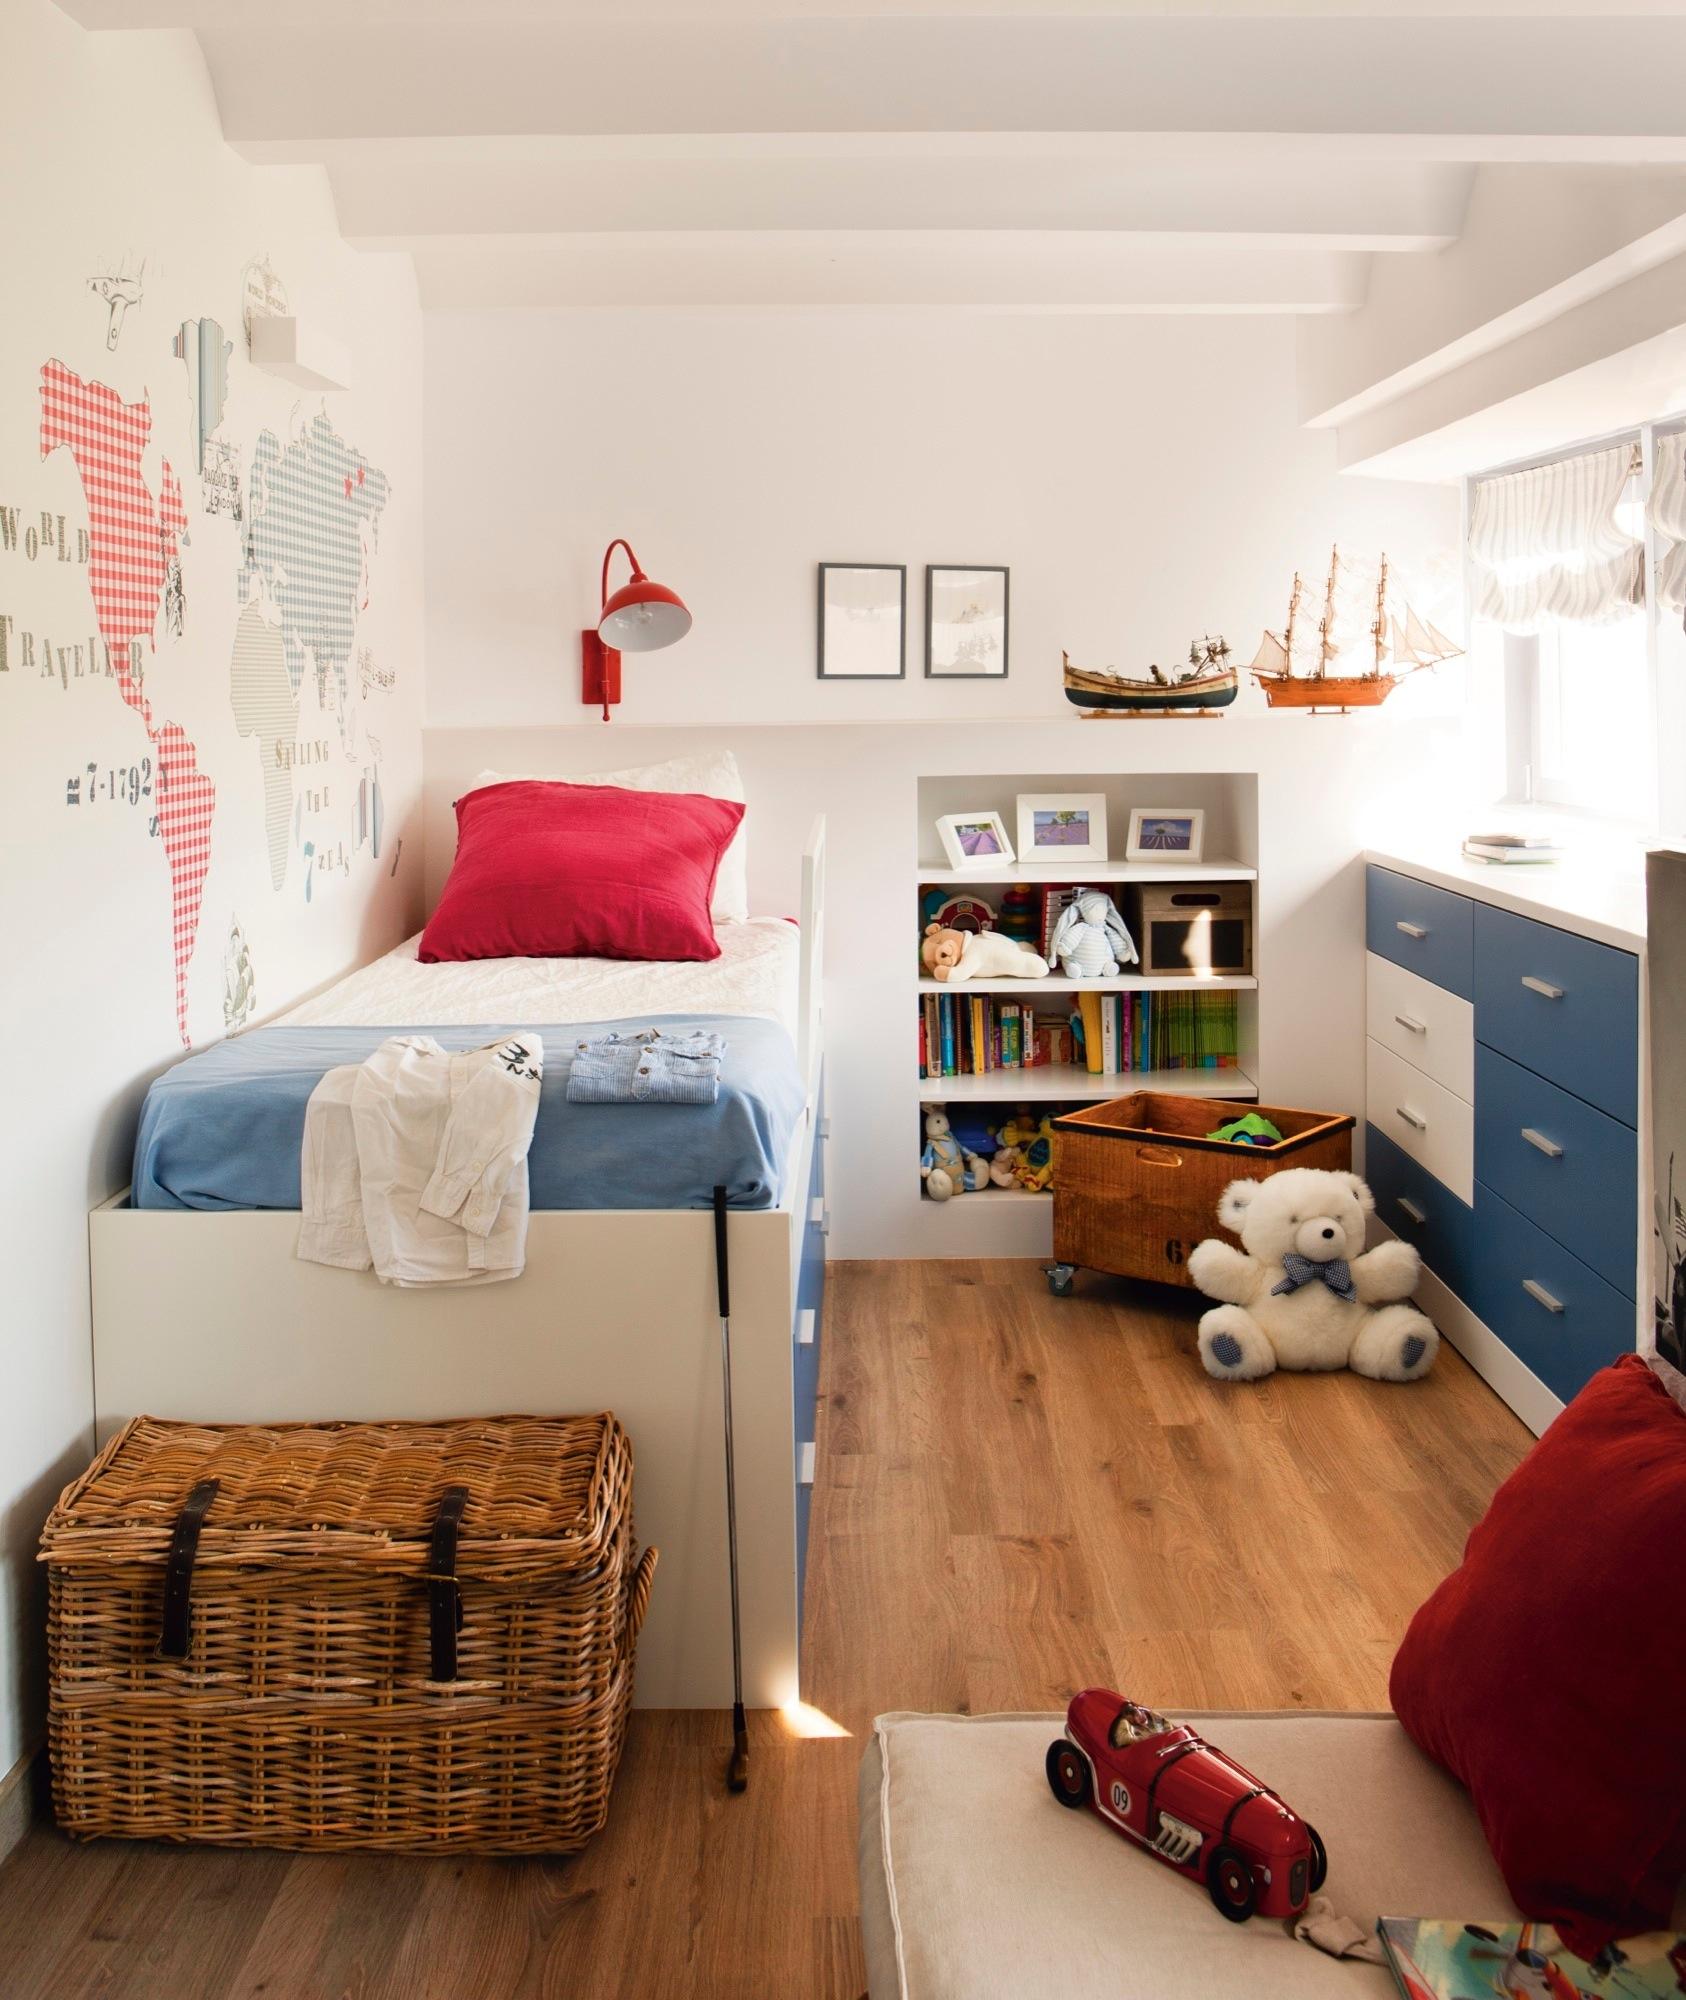 Dos pisos contiguos crearon un d plex de vacaciones en la - Cojines para dormitorios juveniles ...